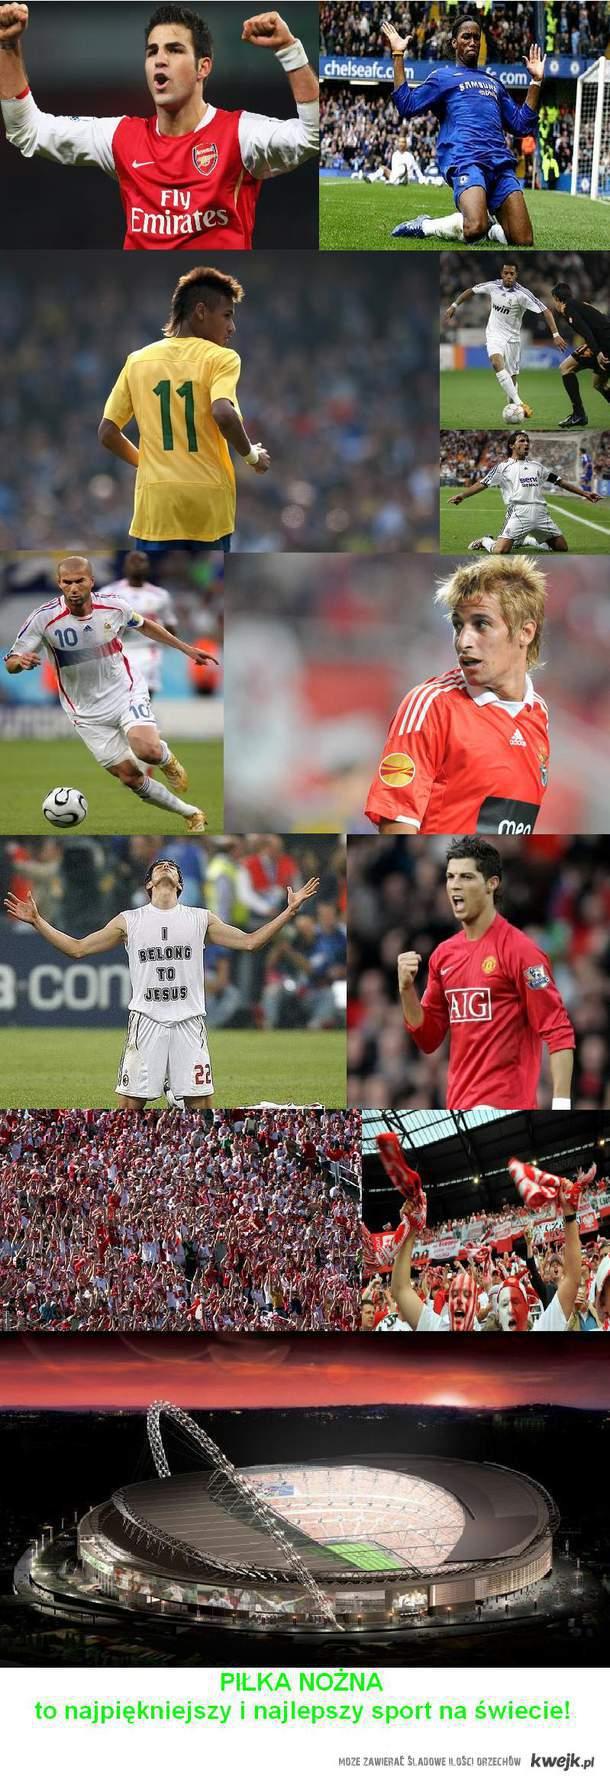 piłka nożna to najpiękniejszy i najlepszy sport na świecie!